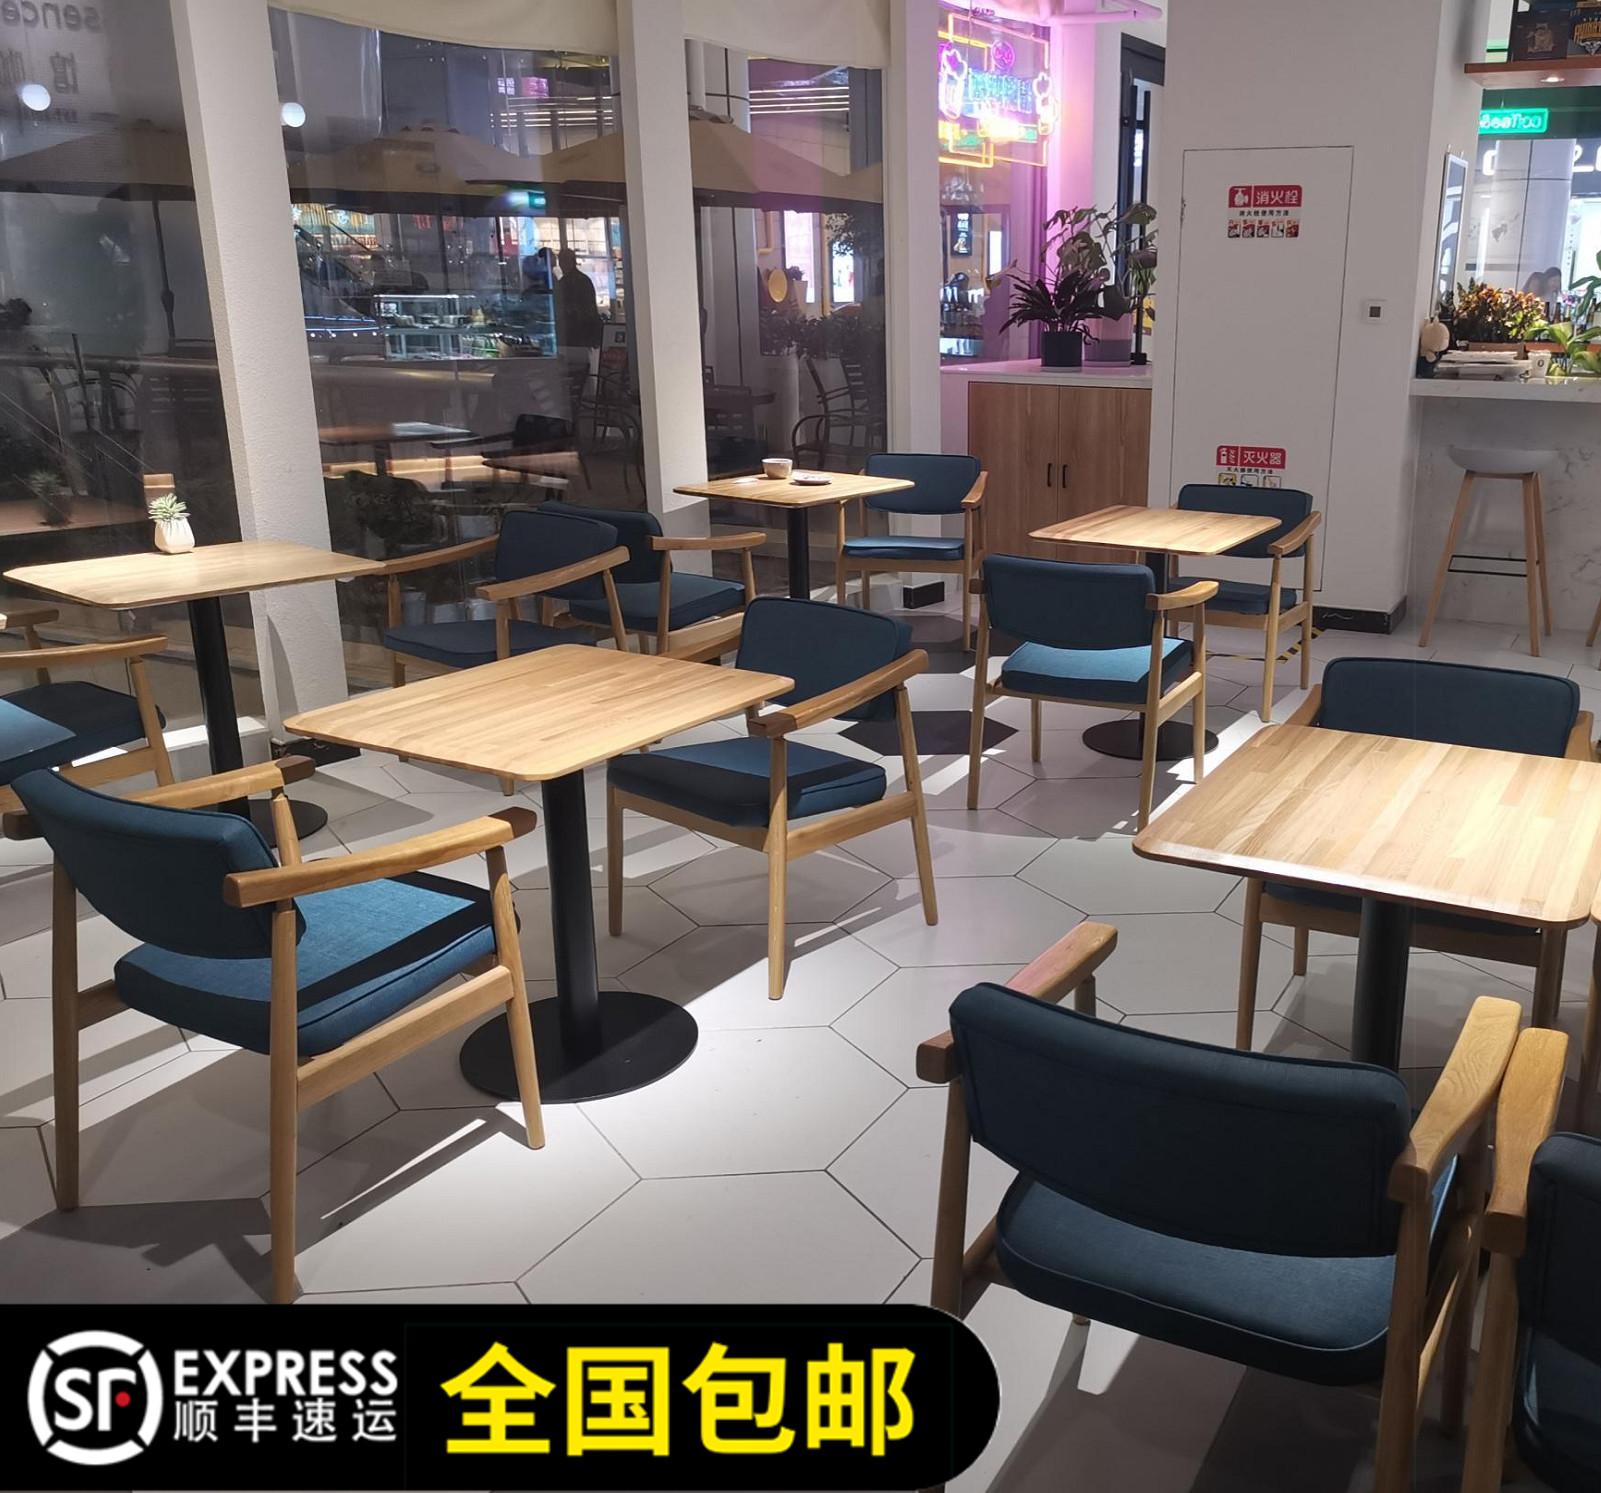 夫尼彻新款厂家咖啡店奶茶店面包甜品店餐厅餐饮桌椅组合北欧餐椅